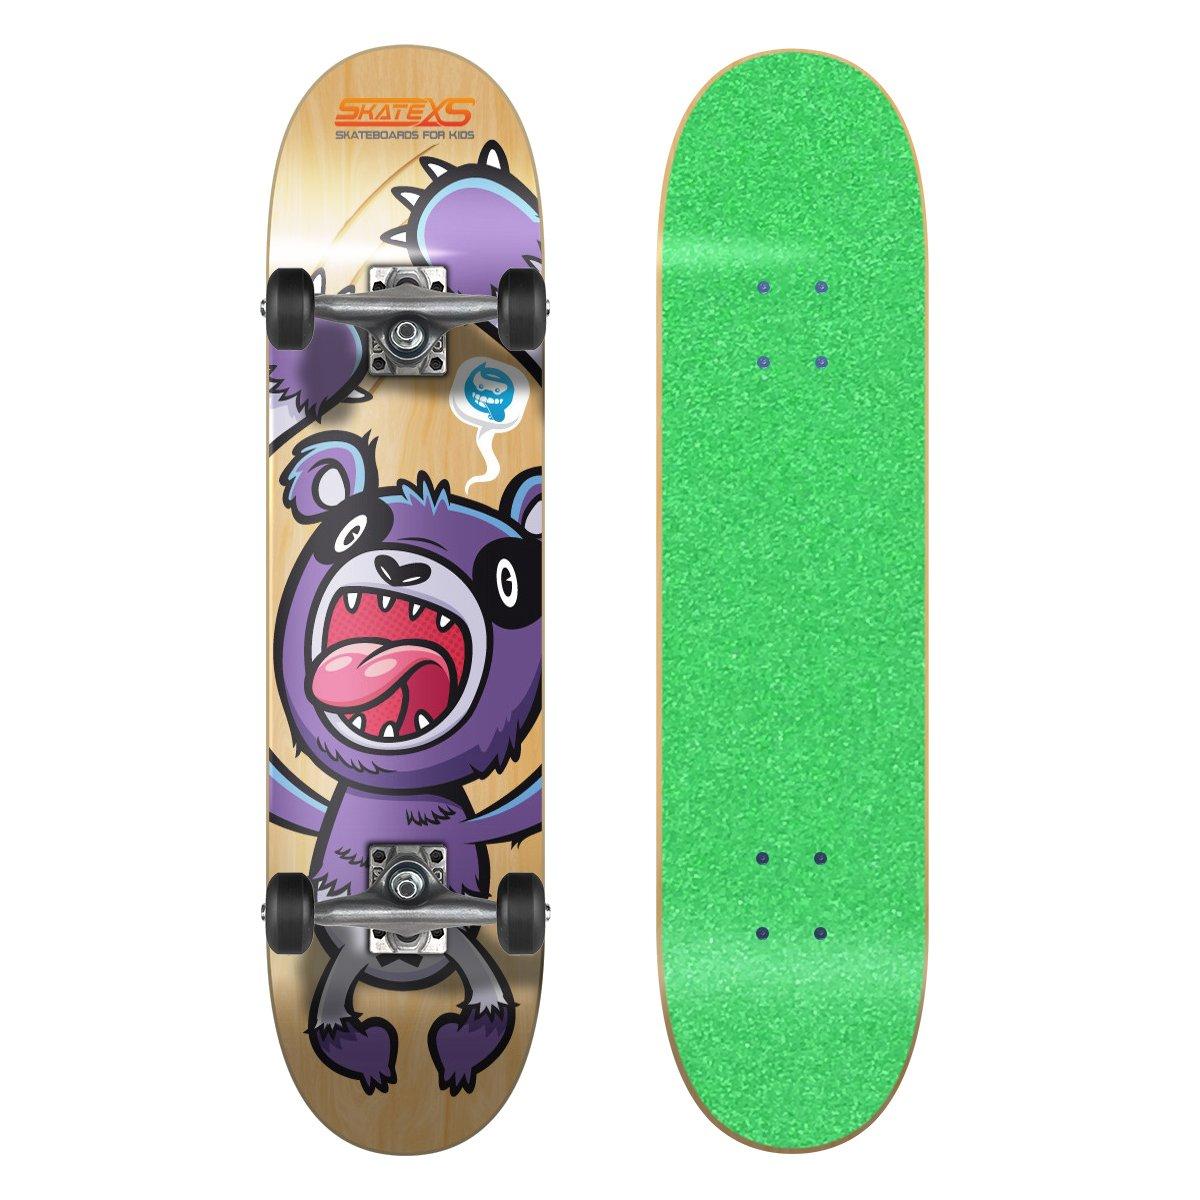 激安の SkateXS Beginner Panda Street Skateboard - Green SkateXS - Grip Grip B00YG1W5UM, ユニクラス:7a59afd1 --- a0267596.xsph.ru